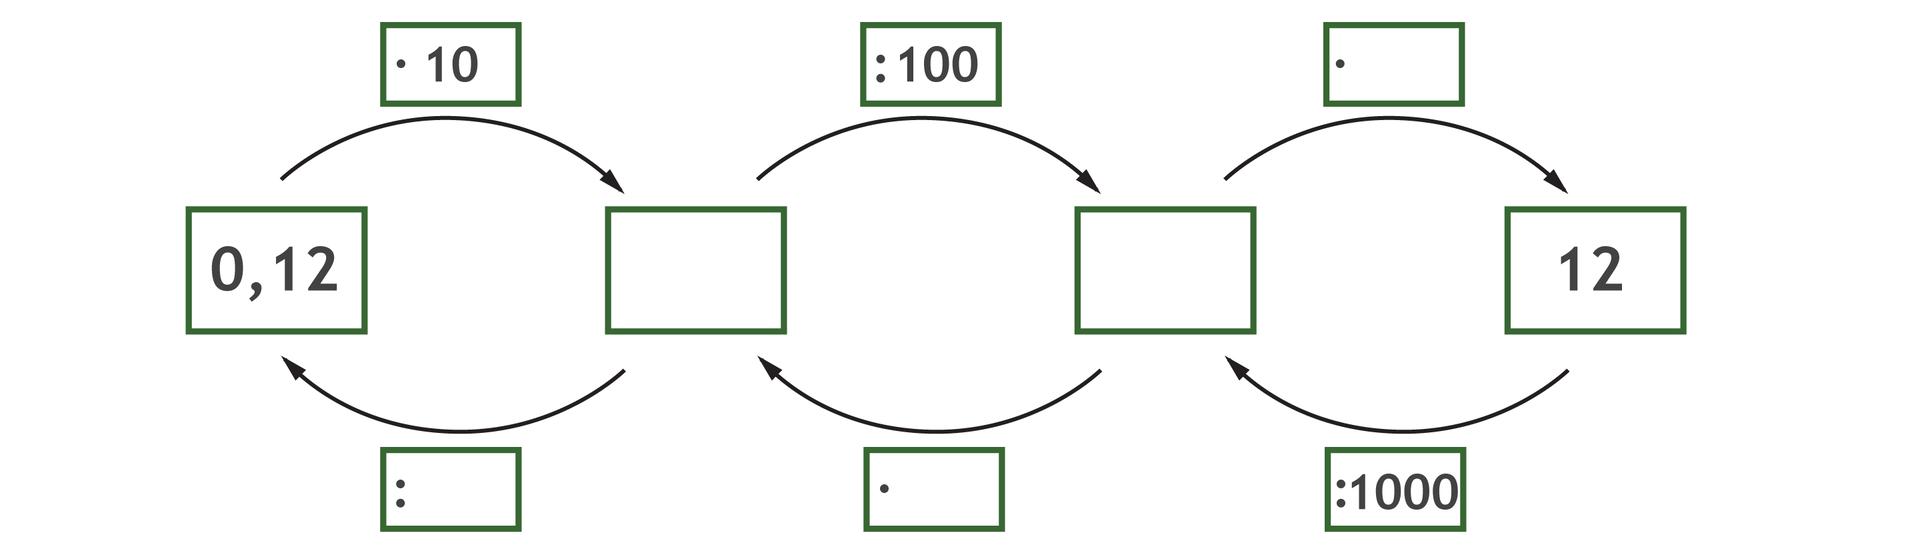 Graf do uzupełnienia pustych miejsc. Strzałki grafu skierowane od lewej do prawej strony: 0,12 razy 10 równa się puste dzielone przez 1000 równa się puste razy puste równa się 12. Strzałki grafu skierowane od prawej do lewej strony: 12 dzielone przez 1000 równa się puste razy puste równa się puste dzielone przez puste równa się 0,12.